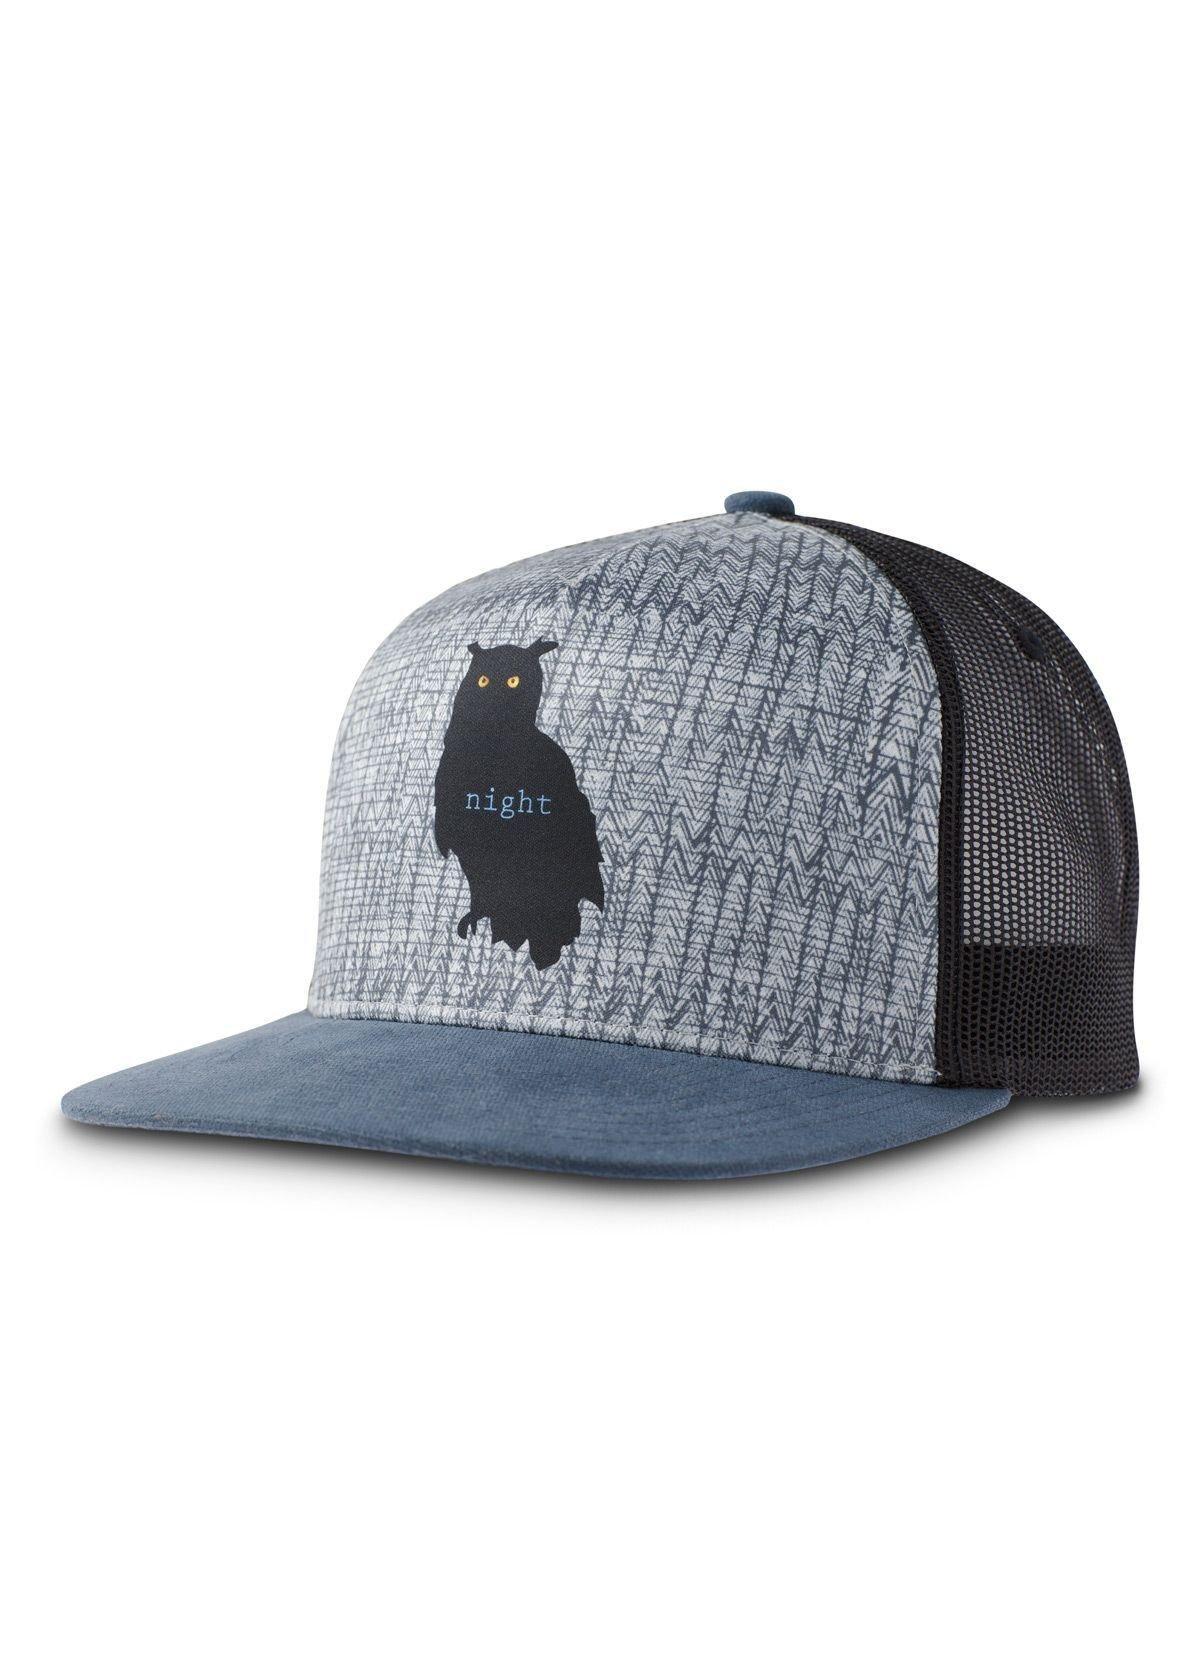 prAna Journeyman Trucker Hat Night Owl PRJMTHowl